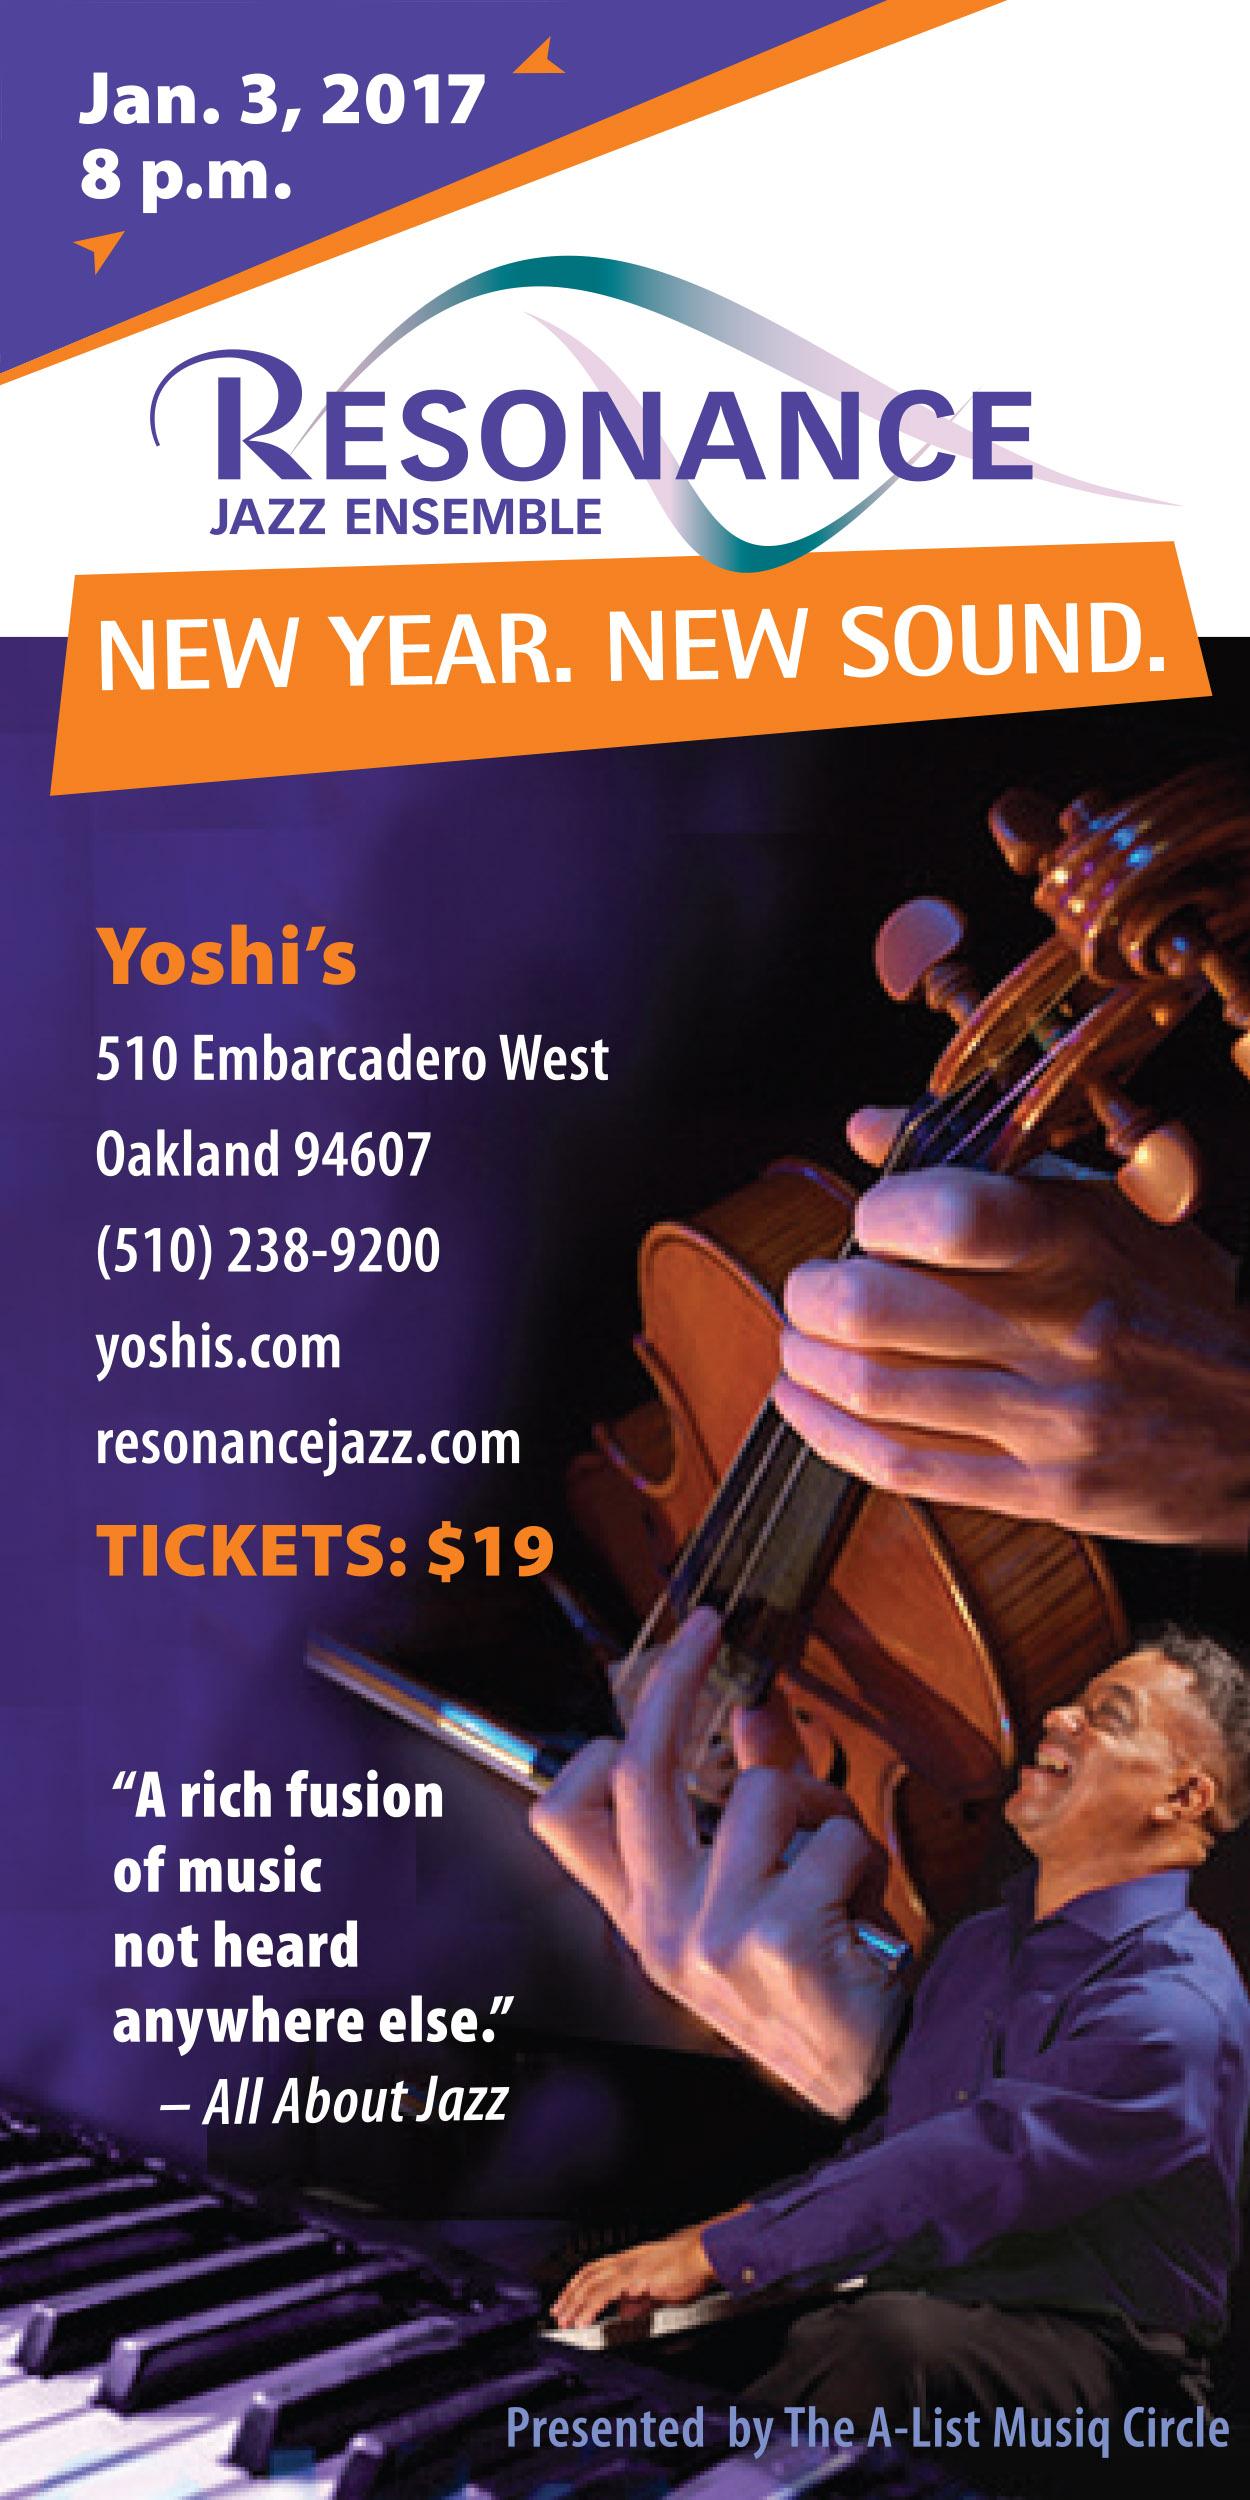 Resonance Jazz at Yoshi